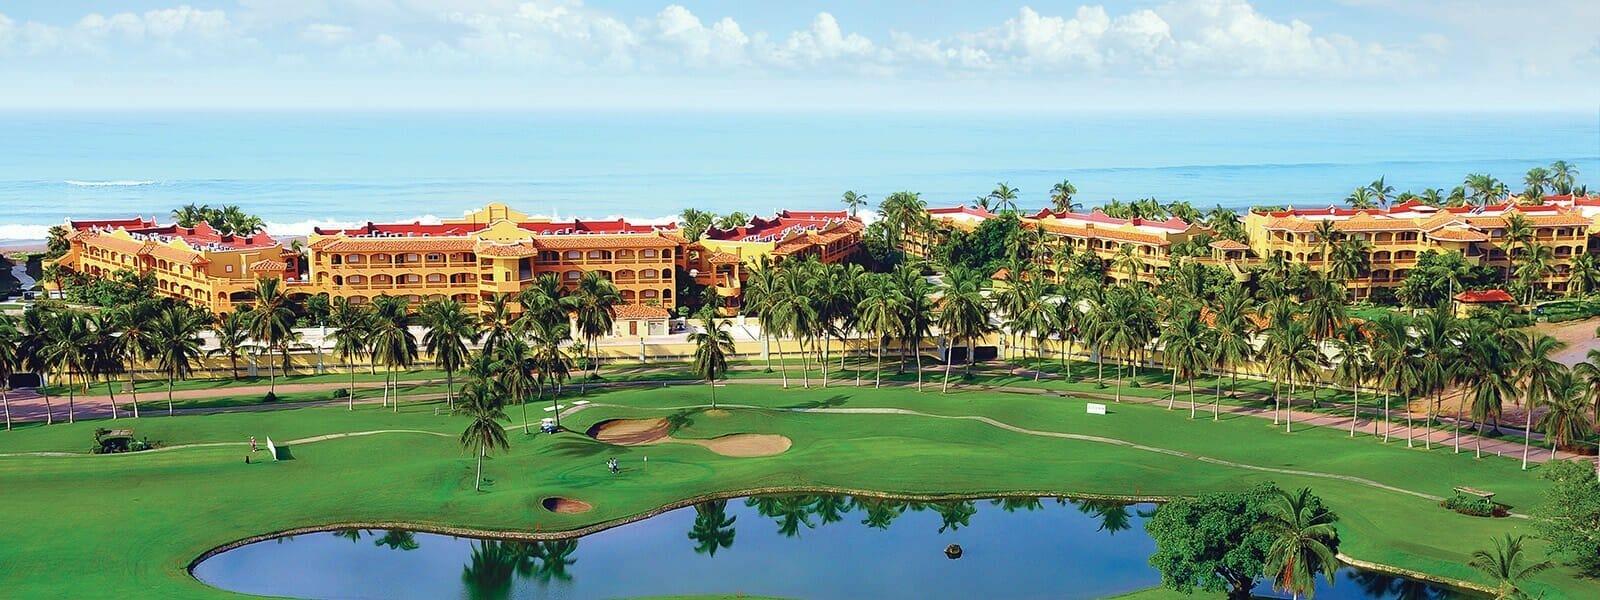 Estrella del Mar Beach Resort | Buy or Rent Beachfront Condos Mexico